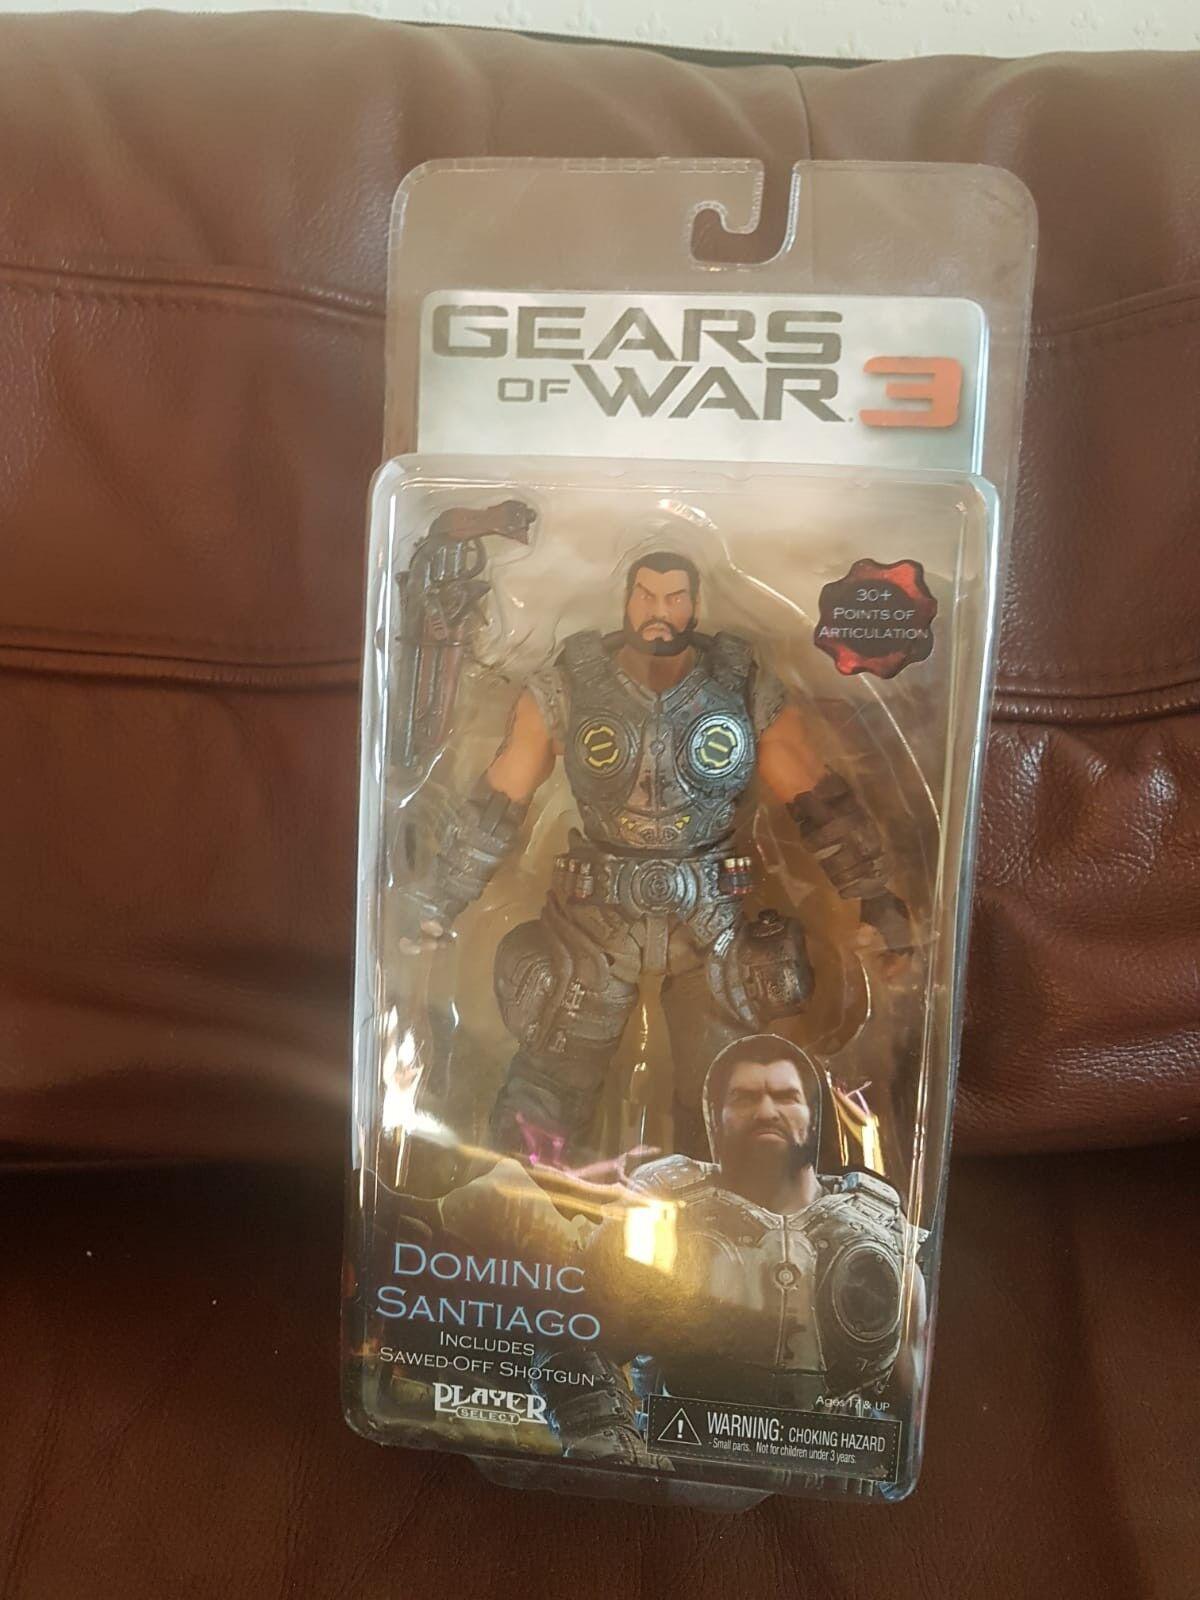 Gears of war figures unopened mint condition Dominic Santiago